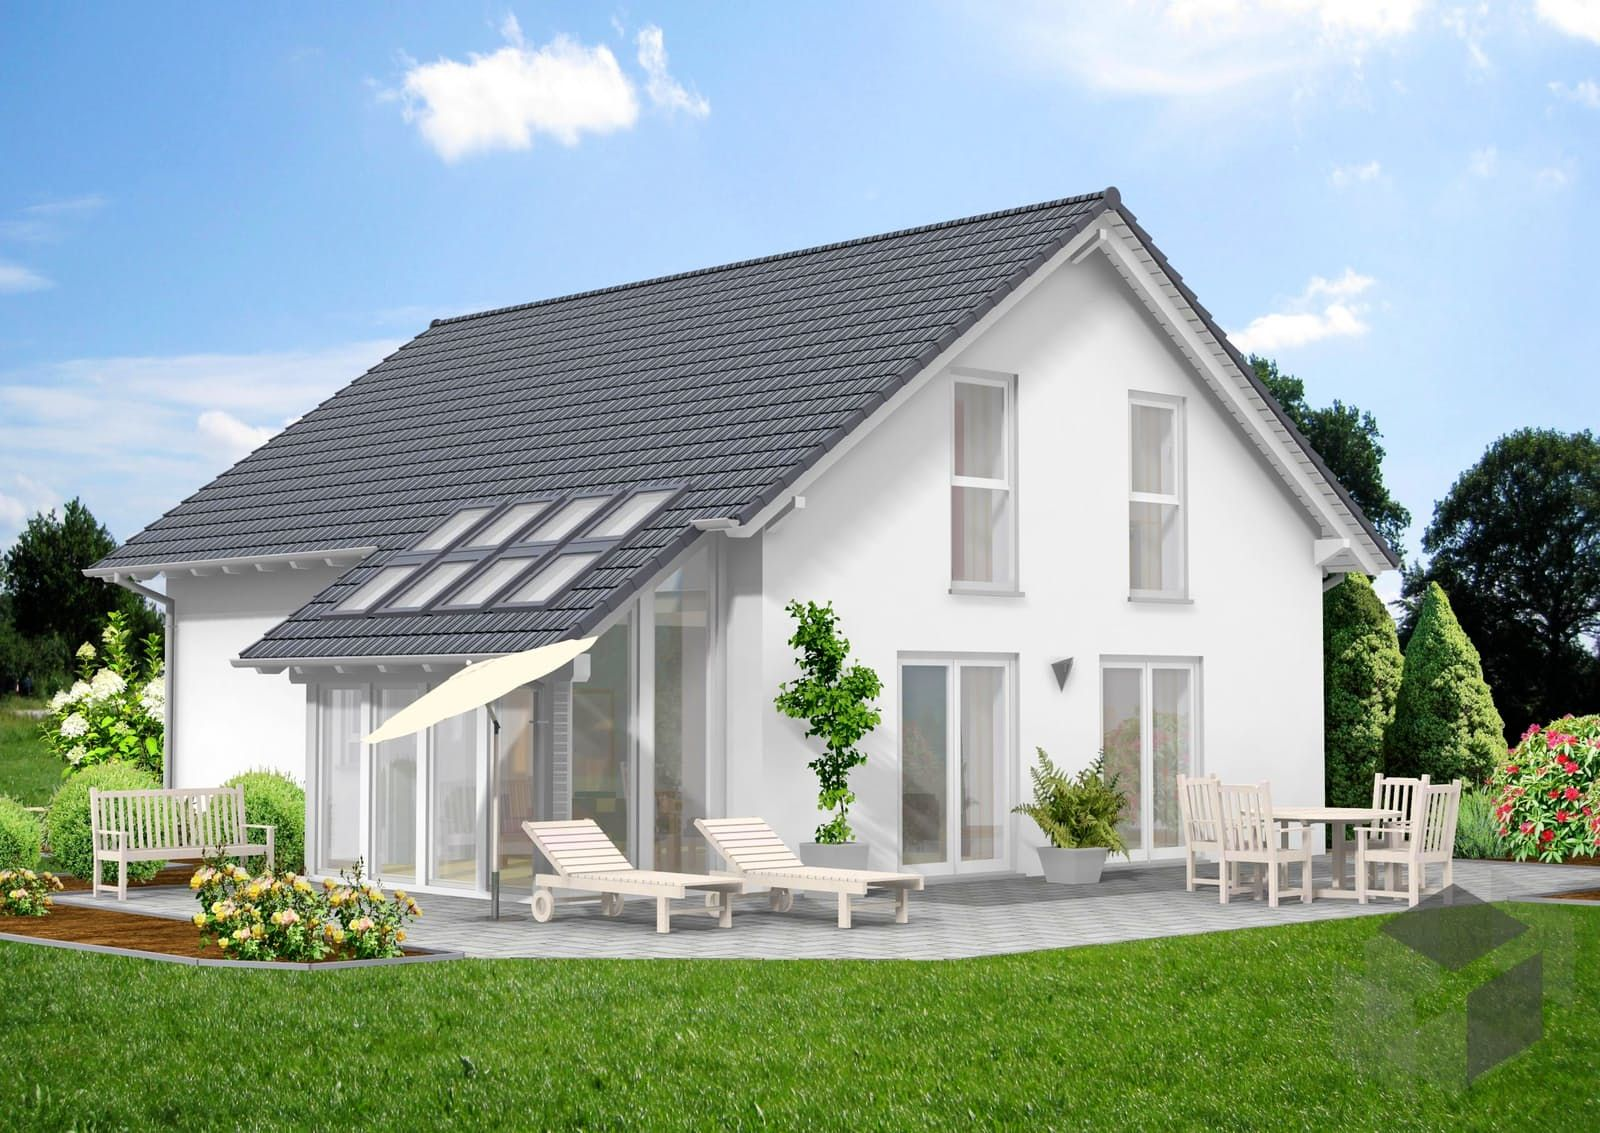 Frammelsberger Wintergarten ~ 26 best häuser mit wintergarten images on pinterest build house